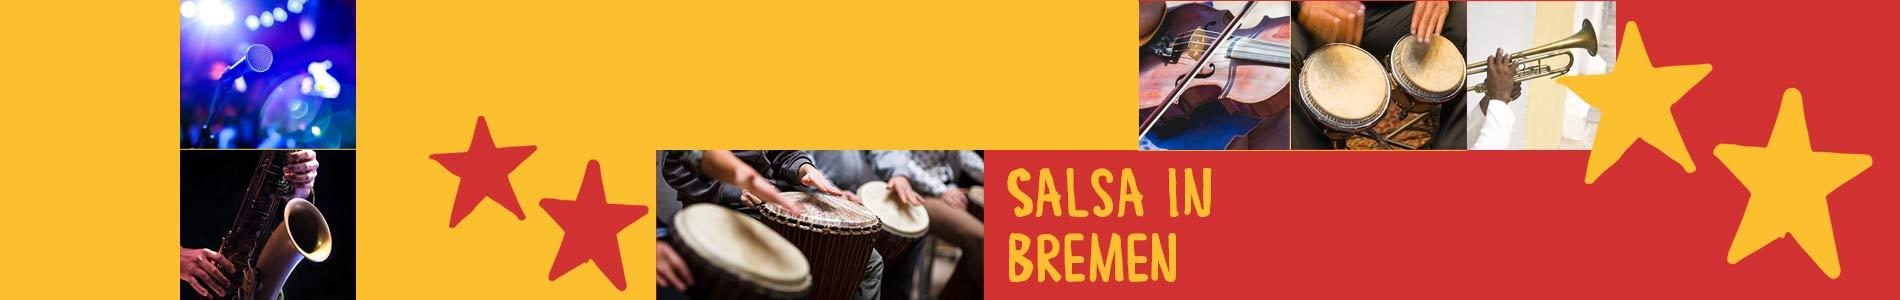 Salsa in Bremen – Salsa lernen und tanzen, Tanzkurse, Partys, Veranstaltungen